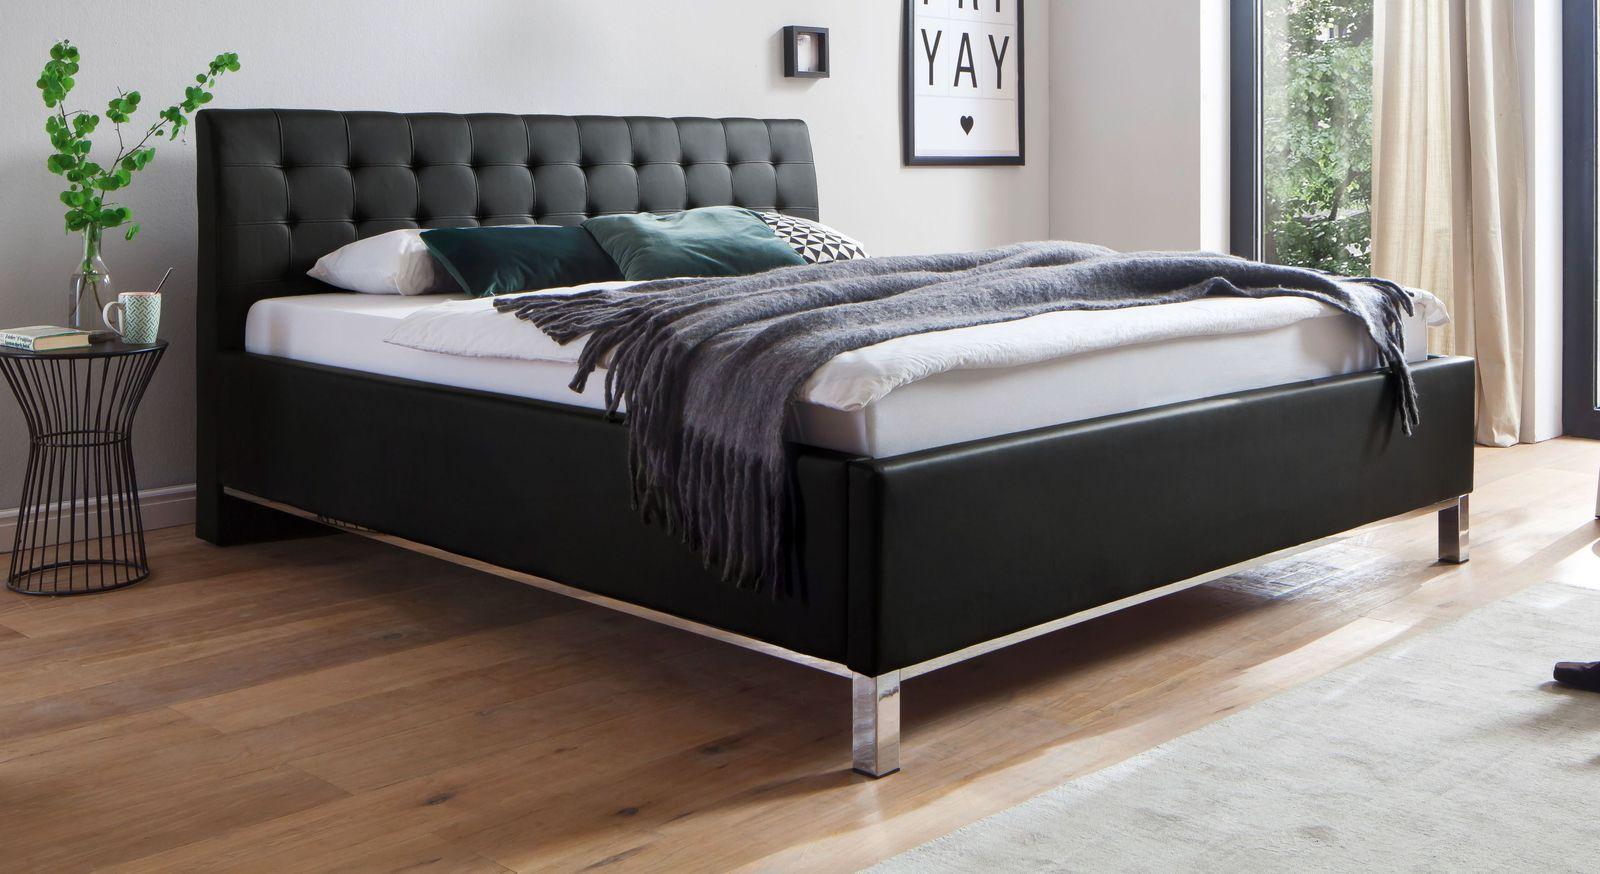 Doppelbett 60% reduziert bei Betten.de